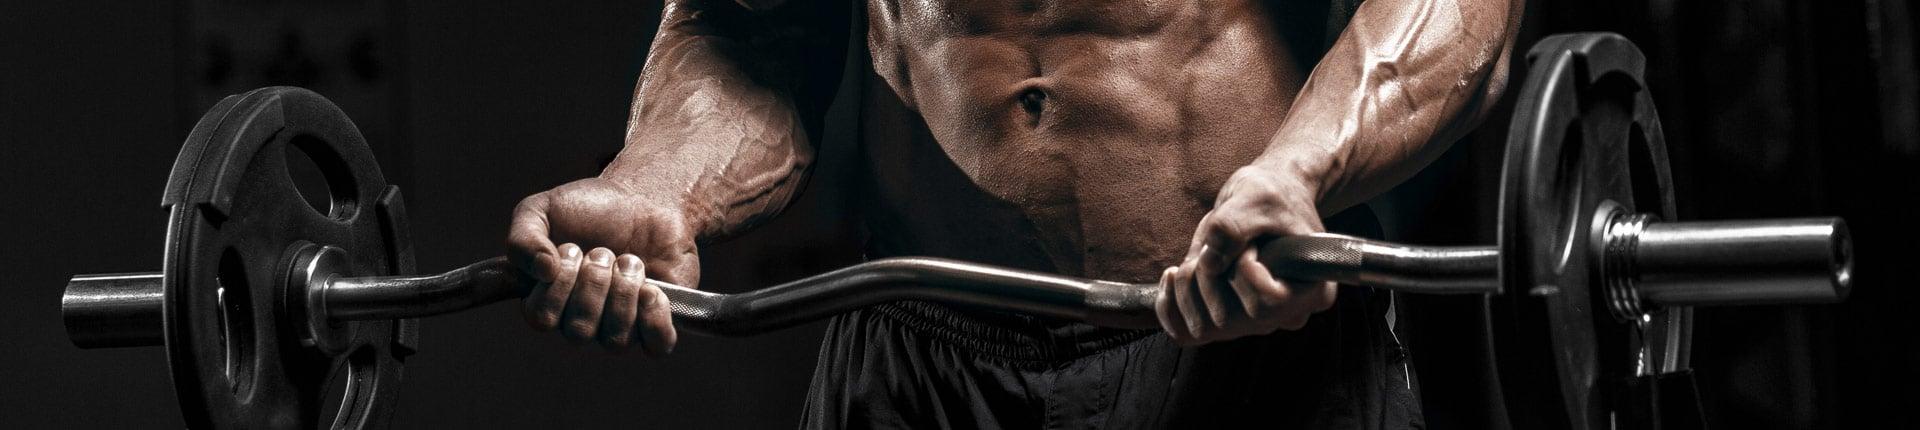 Czy trenować najpierw duże czy małe partie mięśniowe?